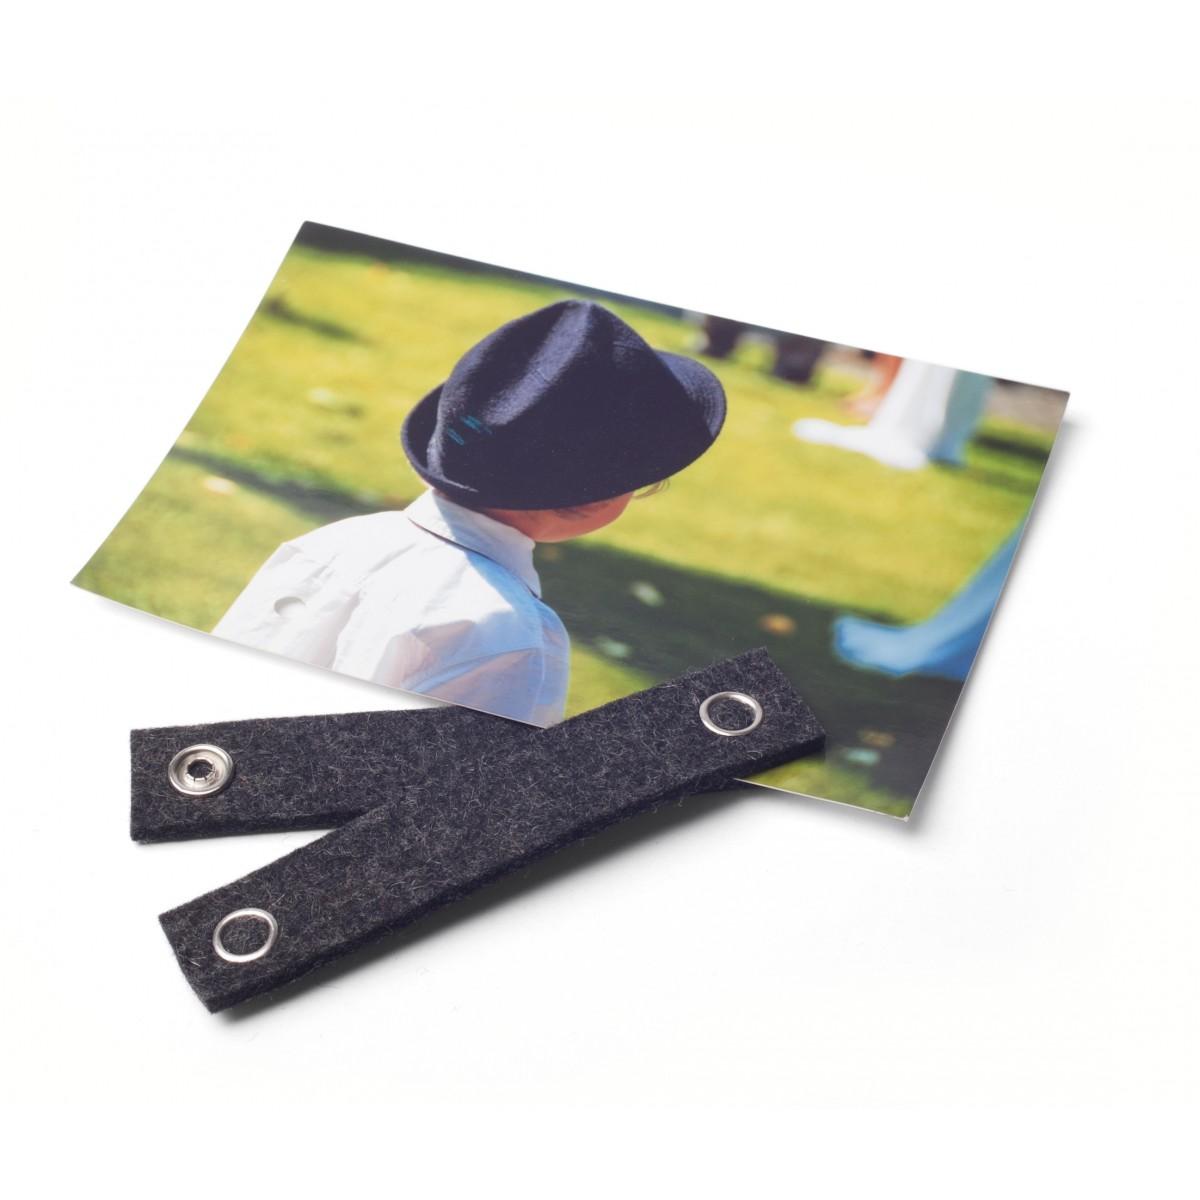 STAND UP filz-Kartenhalter